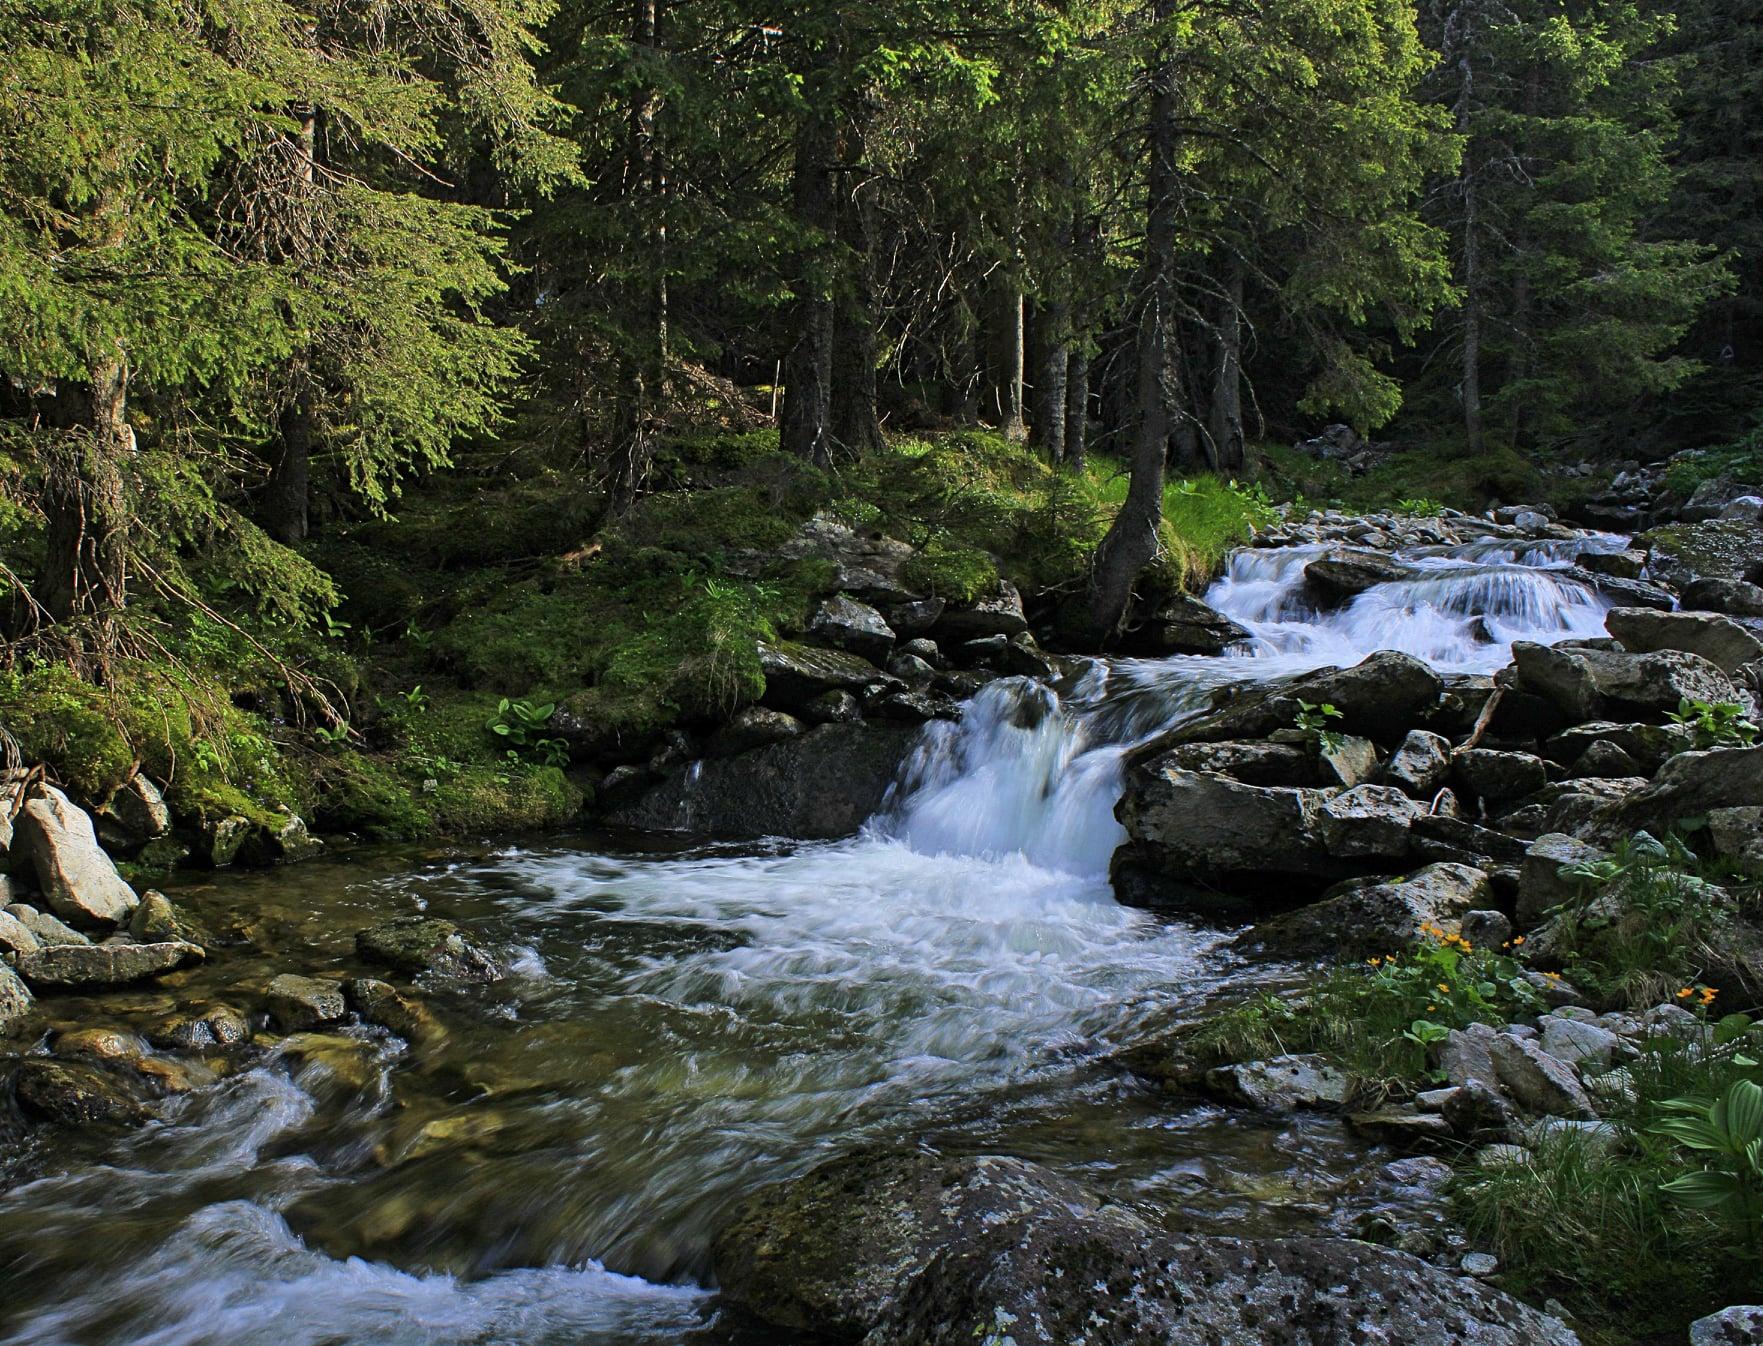 Pârâul Ștânișoara şi Cascadele de pe Valea Stânişoarei - Sima Constantin